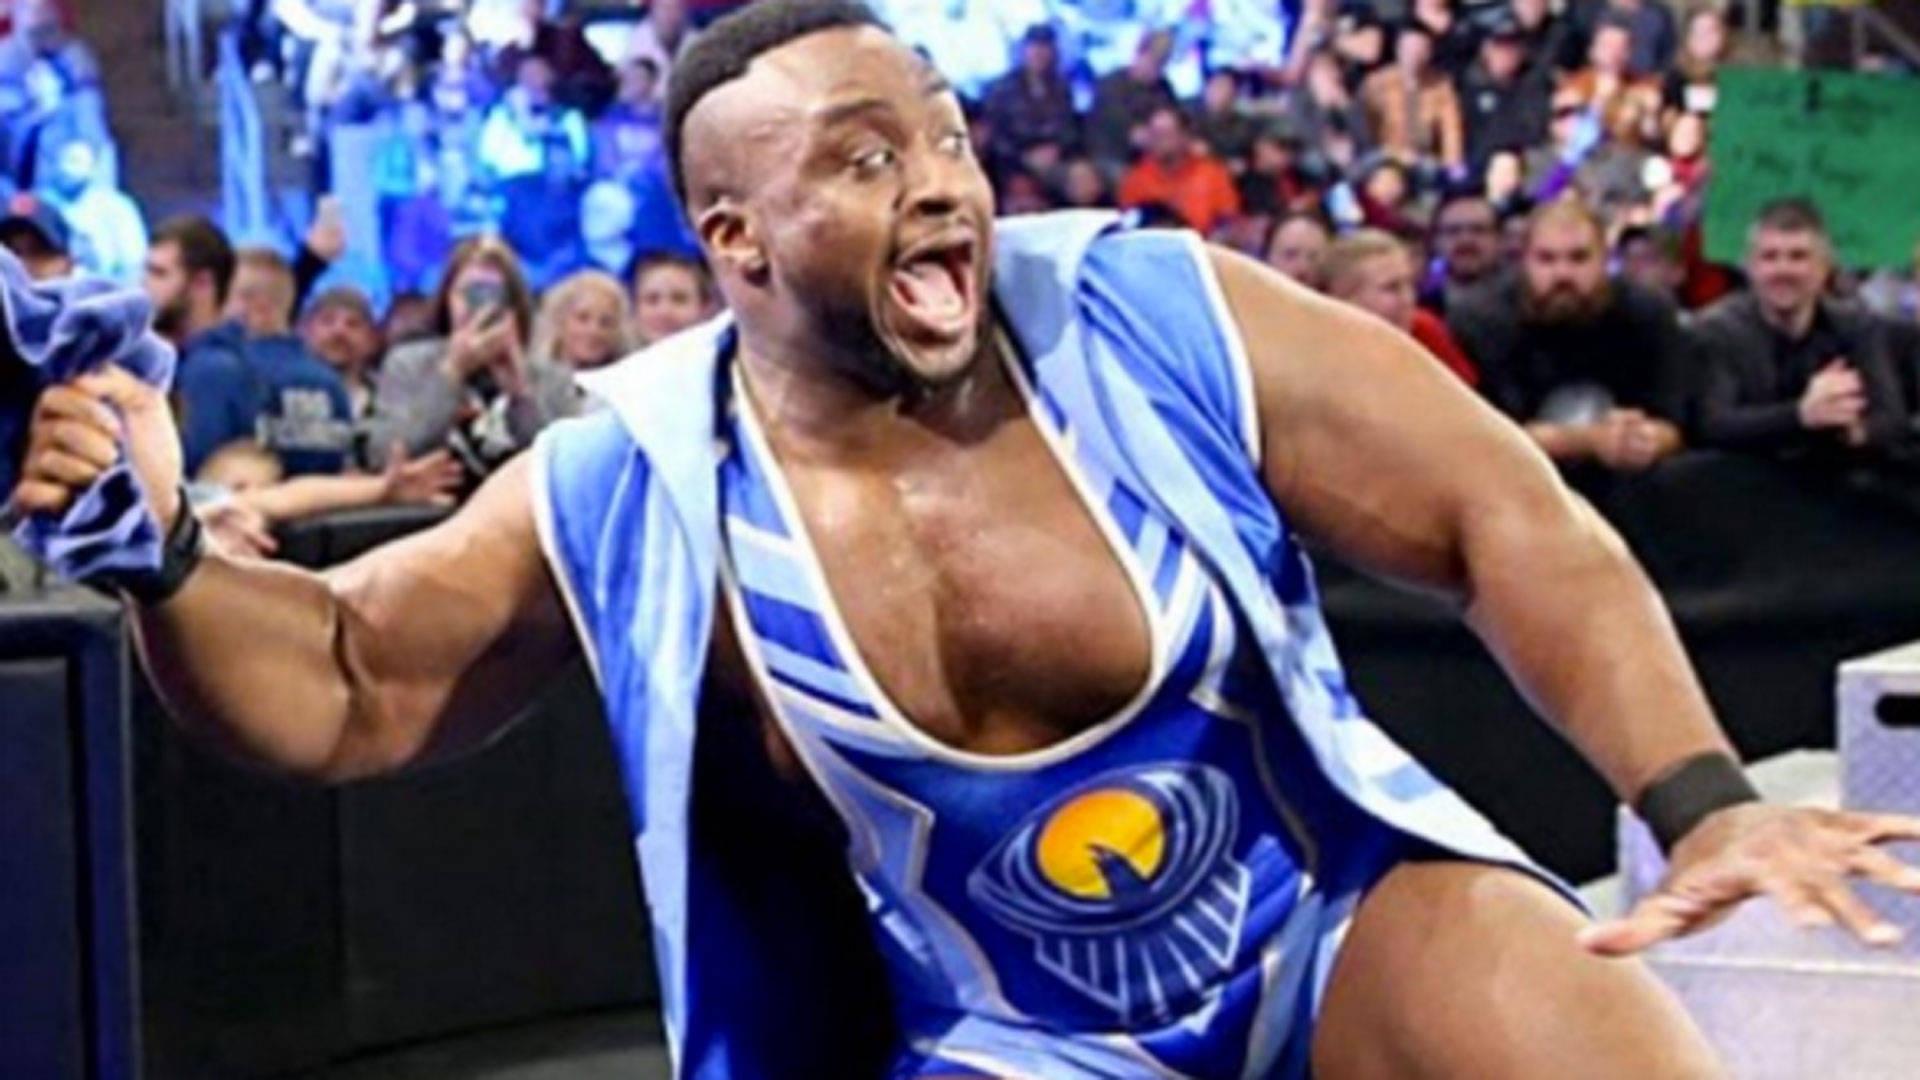 Big Tag Team Match Added to WWE SummerSlam